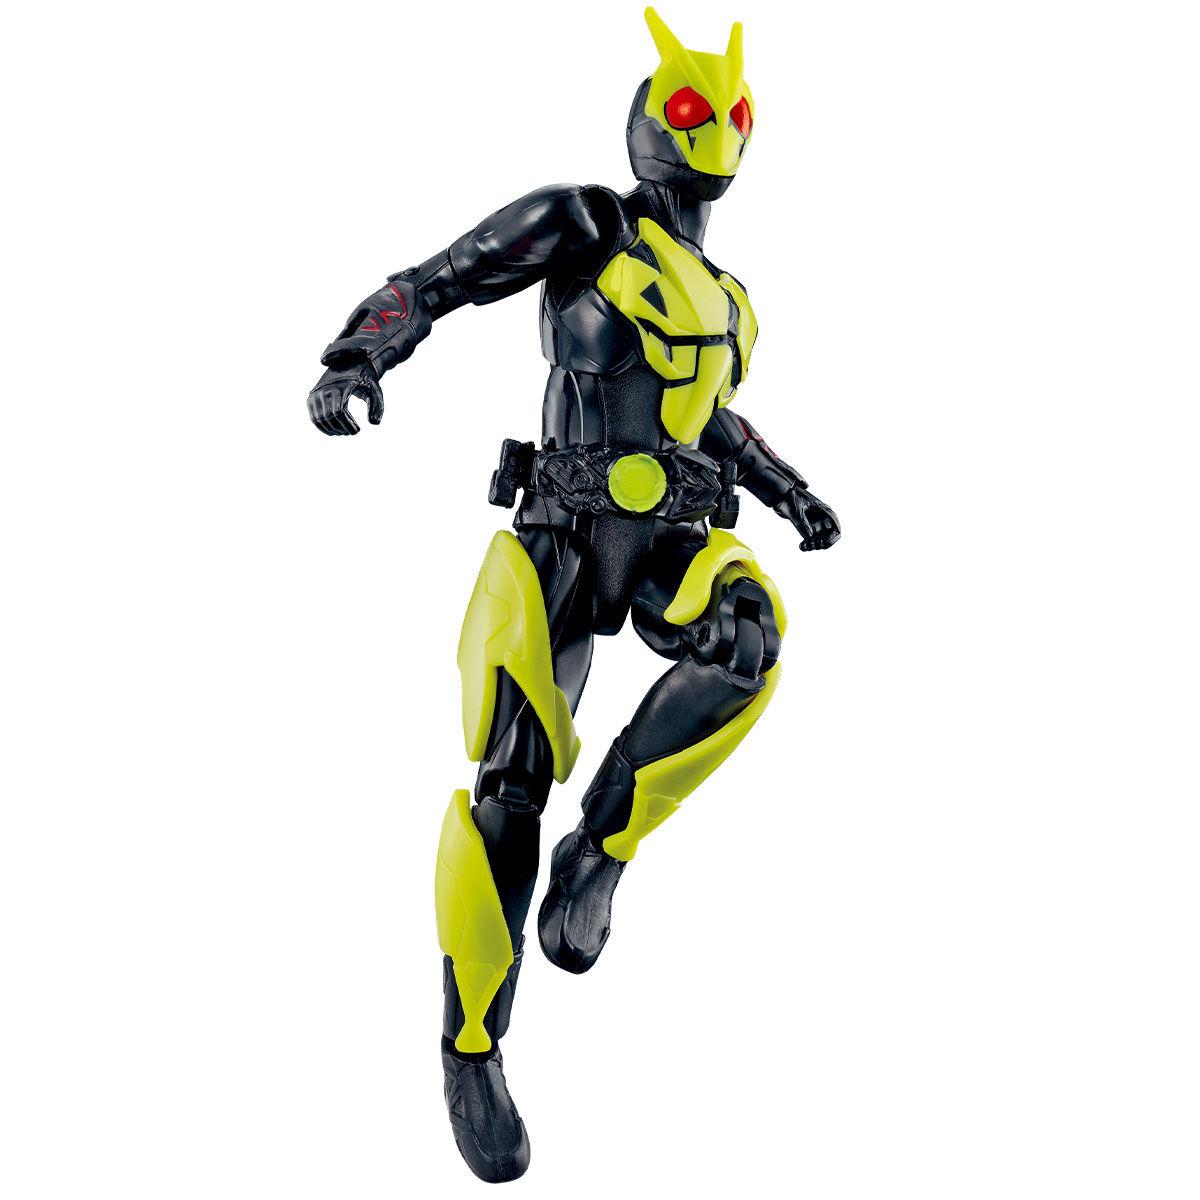 RKF『仮面ライダーゼロワン ハイブリッドライズフィギュア』可動フィギュア-002